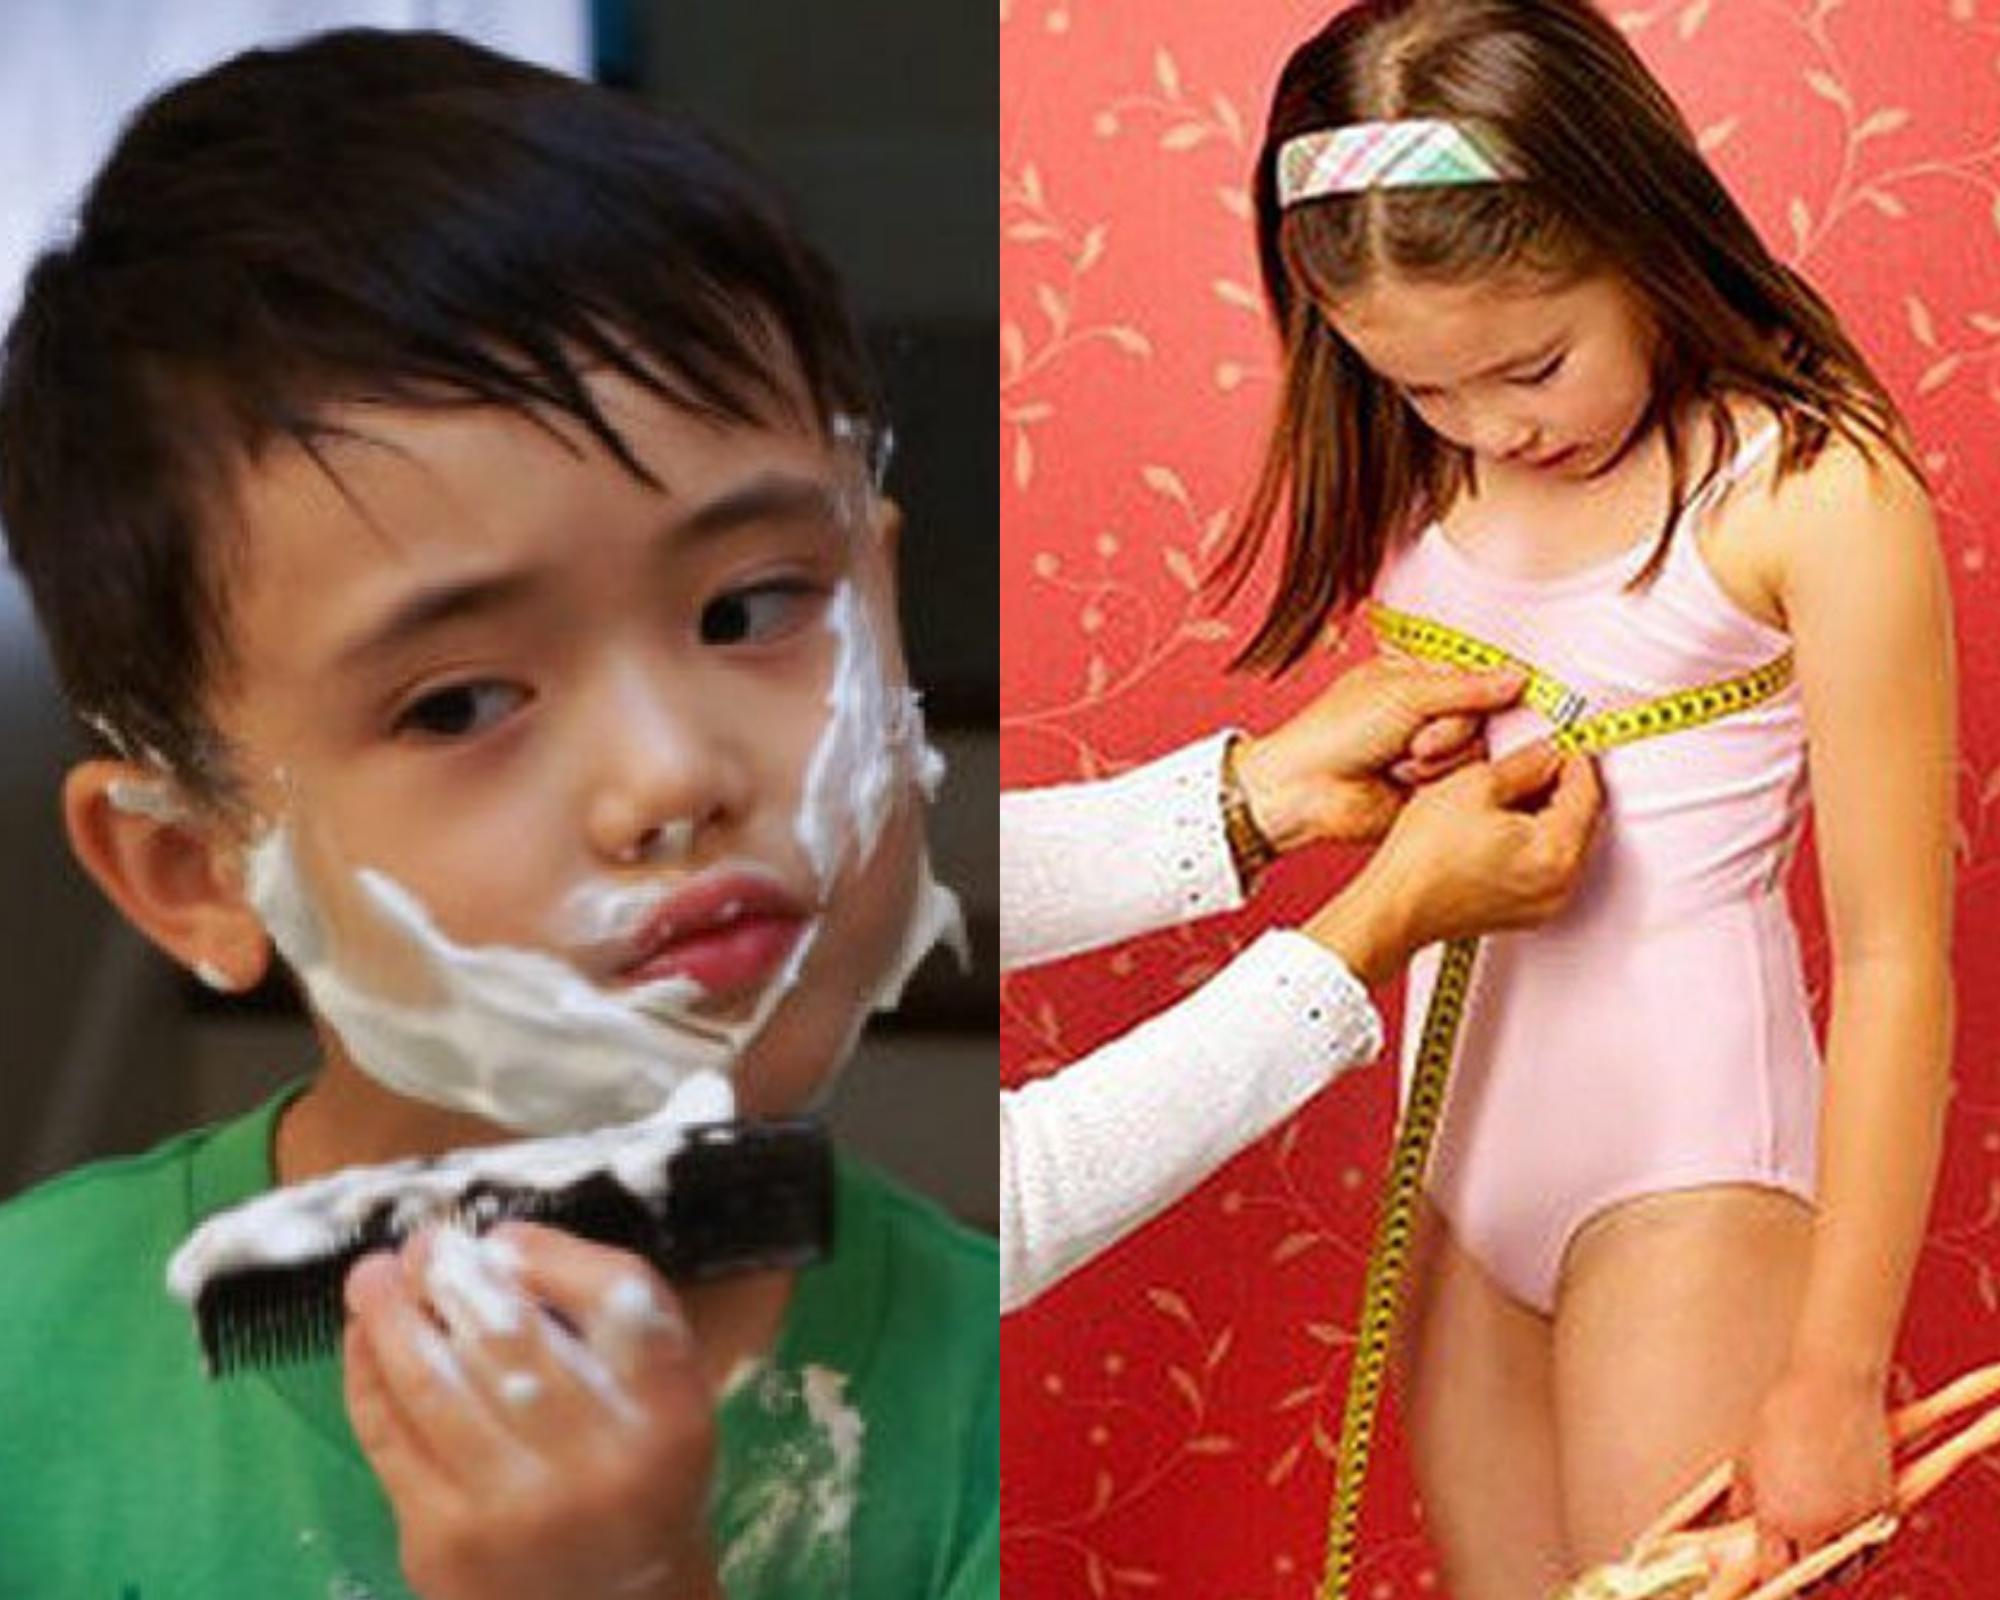 Điều trị 350 ca trẻ em dậy thì sớm mỗi năm, bác sĩ cho biết những dấu hiệu bất thường ở trẻ mà phụ huynh hay bỏ qua